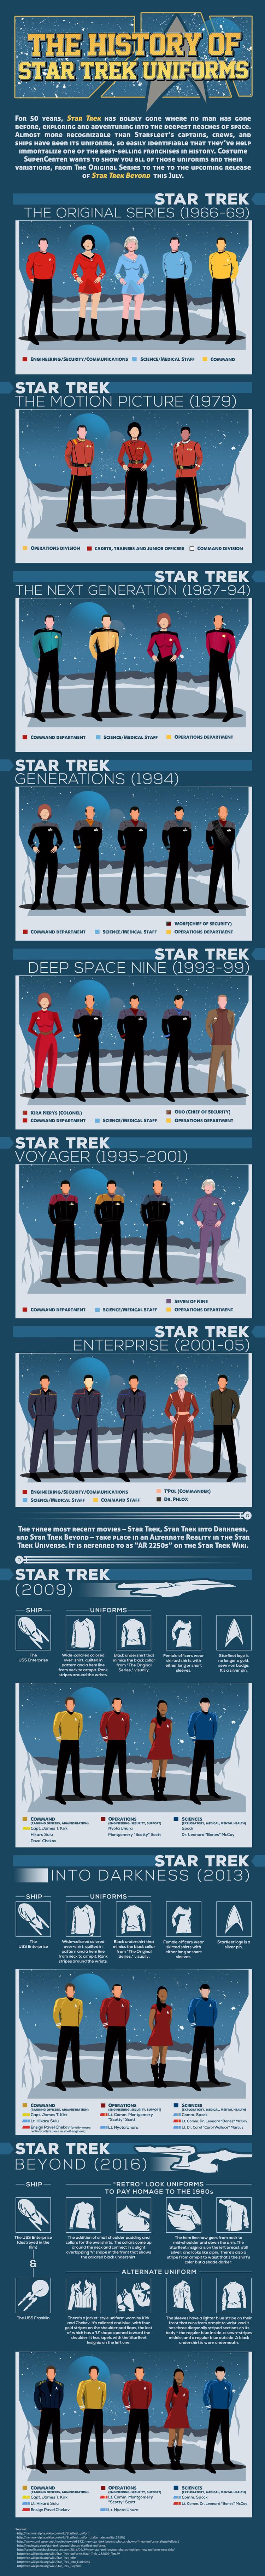 star-trek-history-of-uniforms